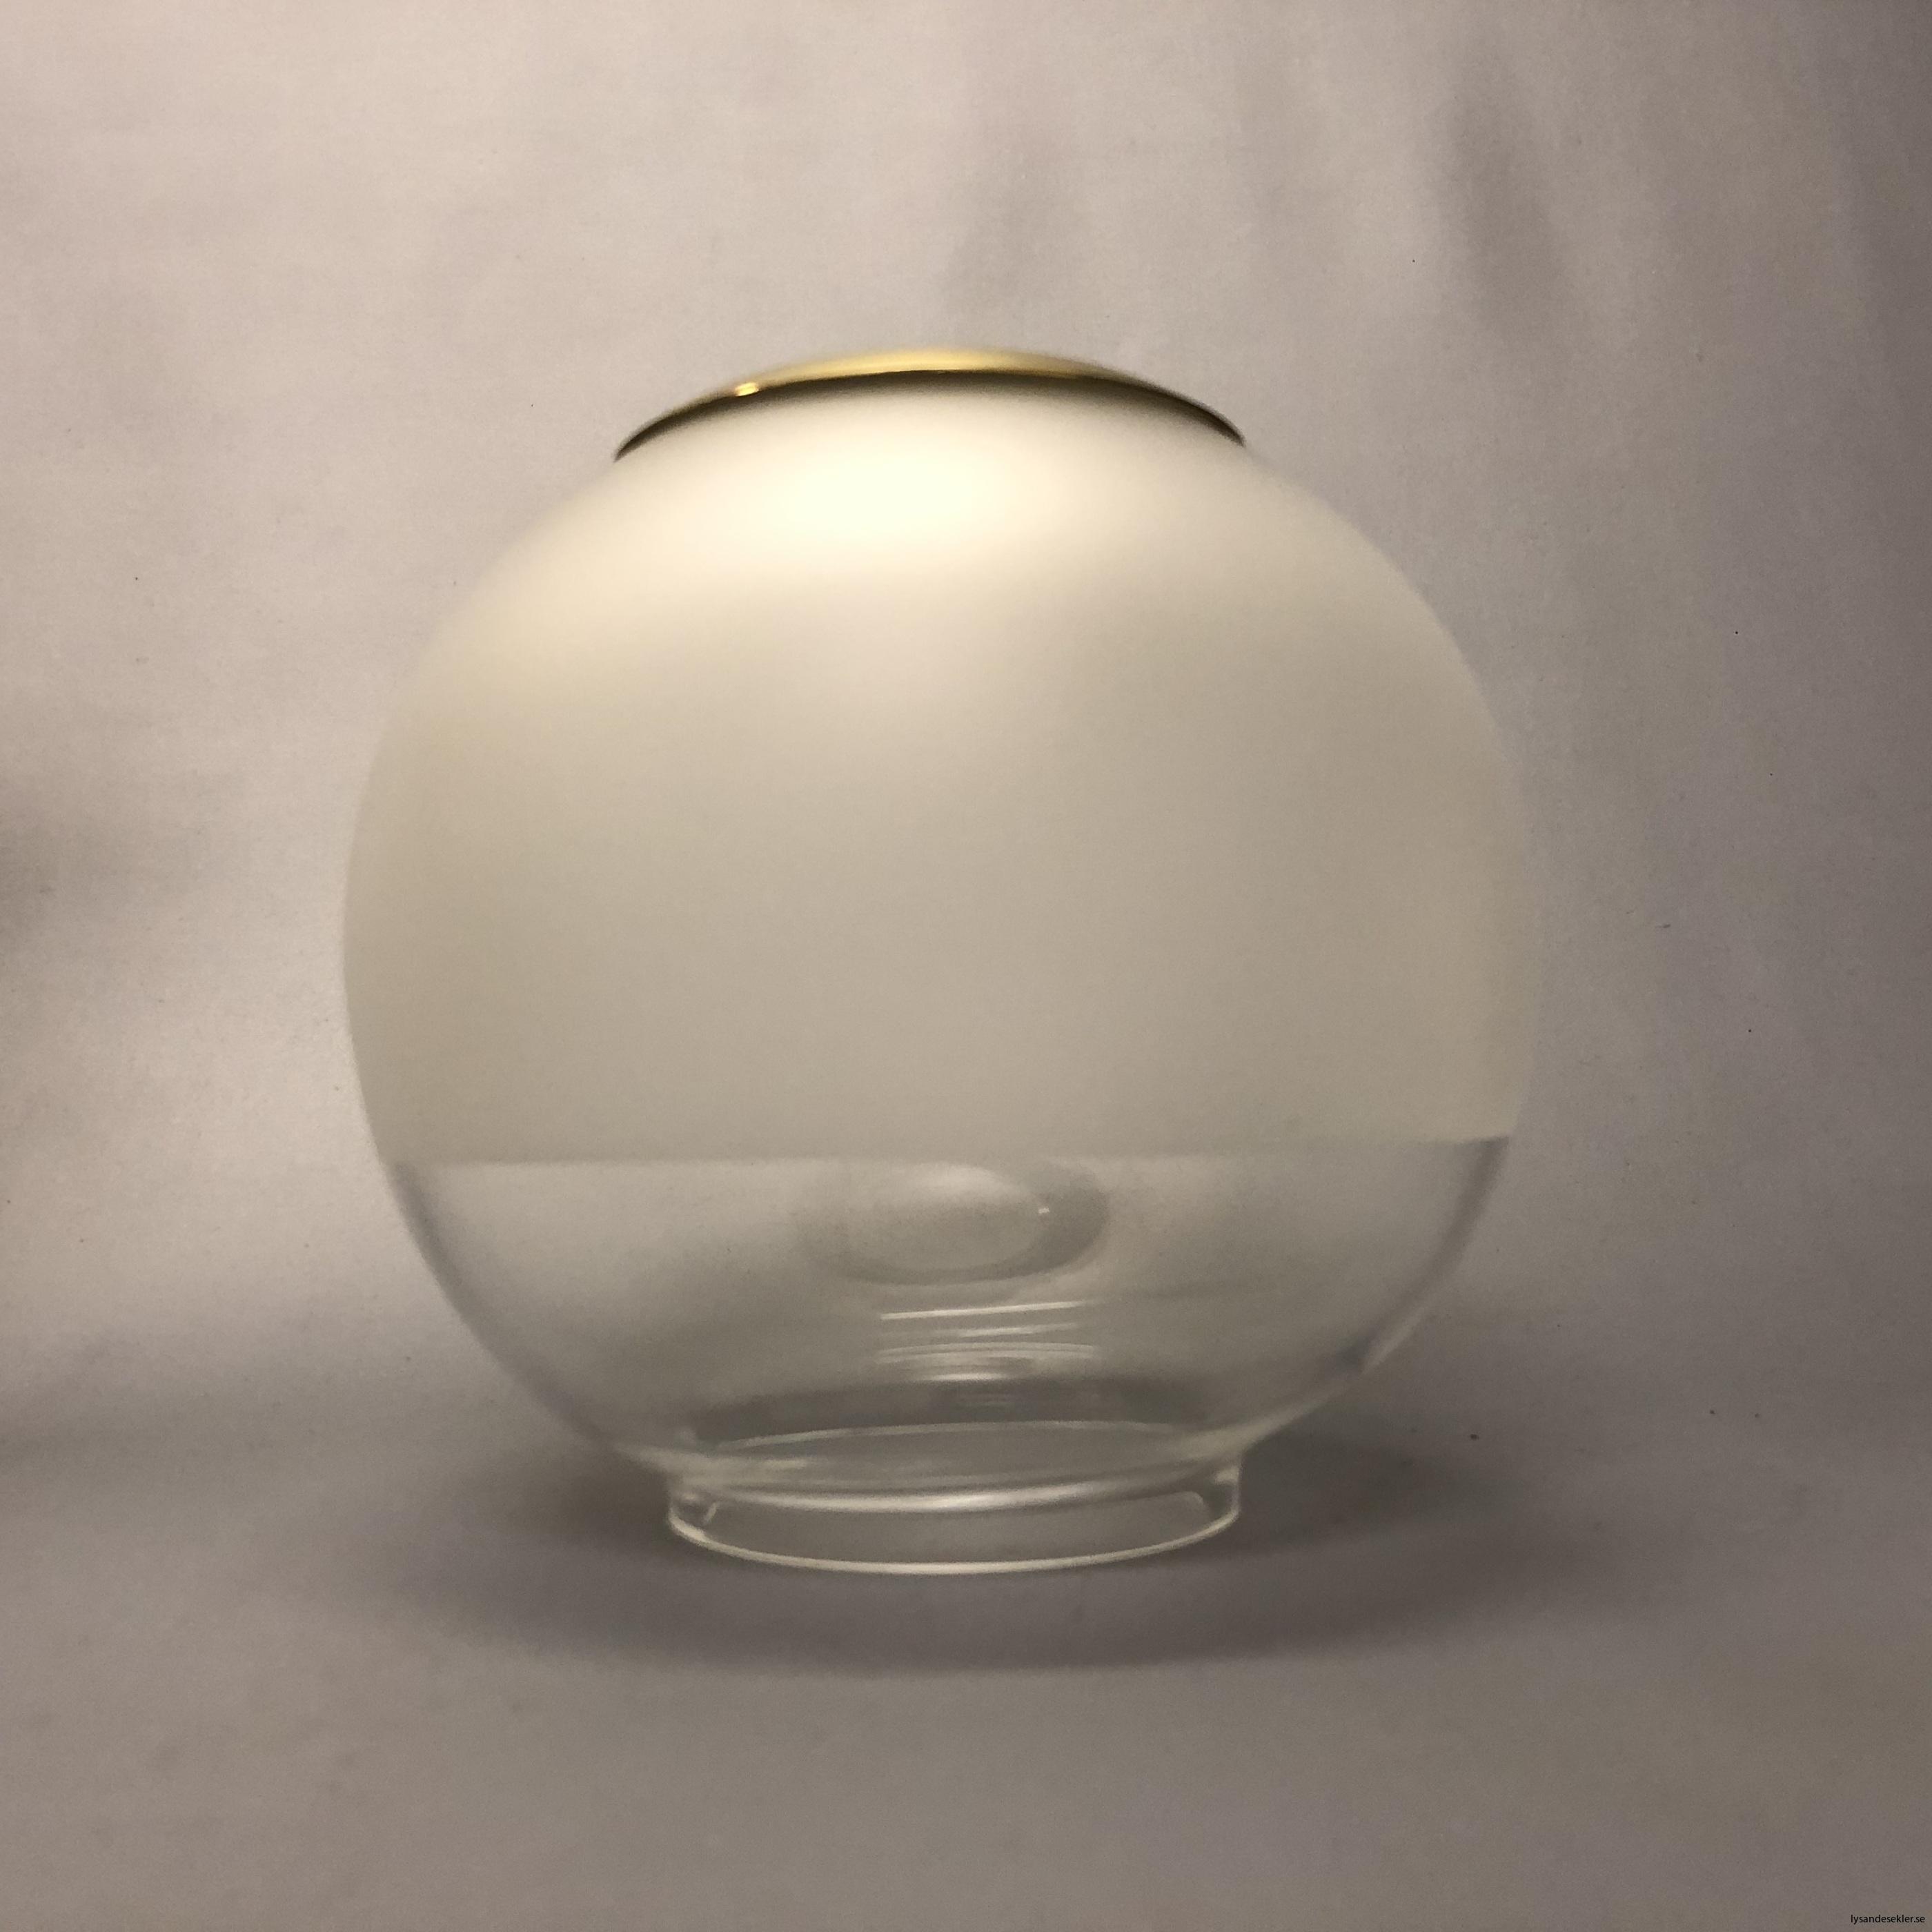 små klotkupor 135 mm till fotogenlampor dansk design18